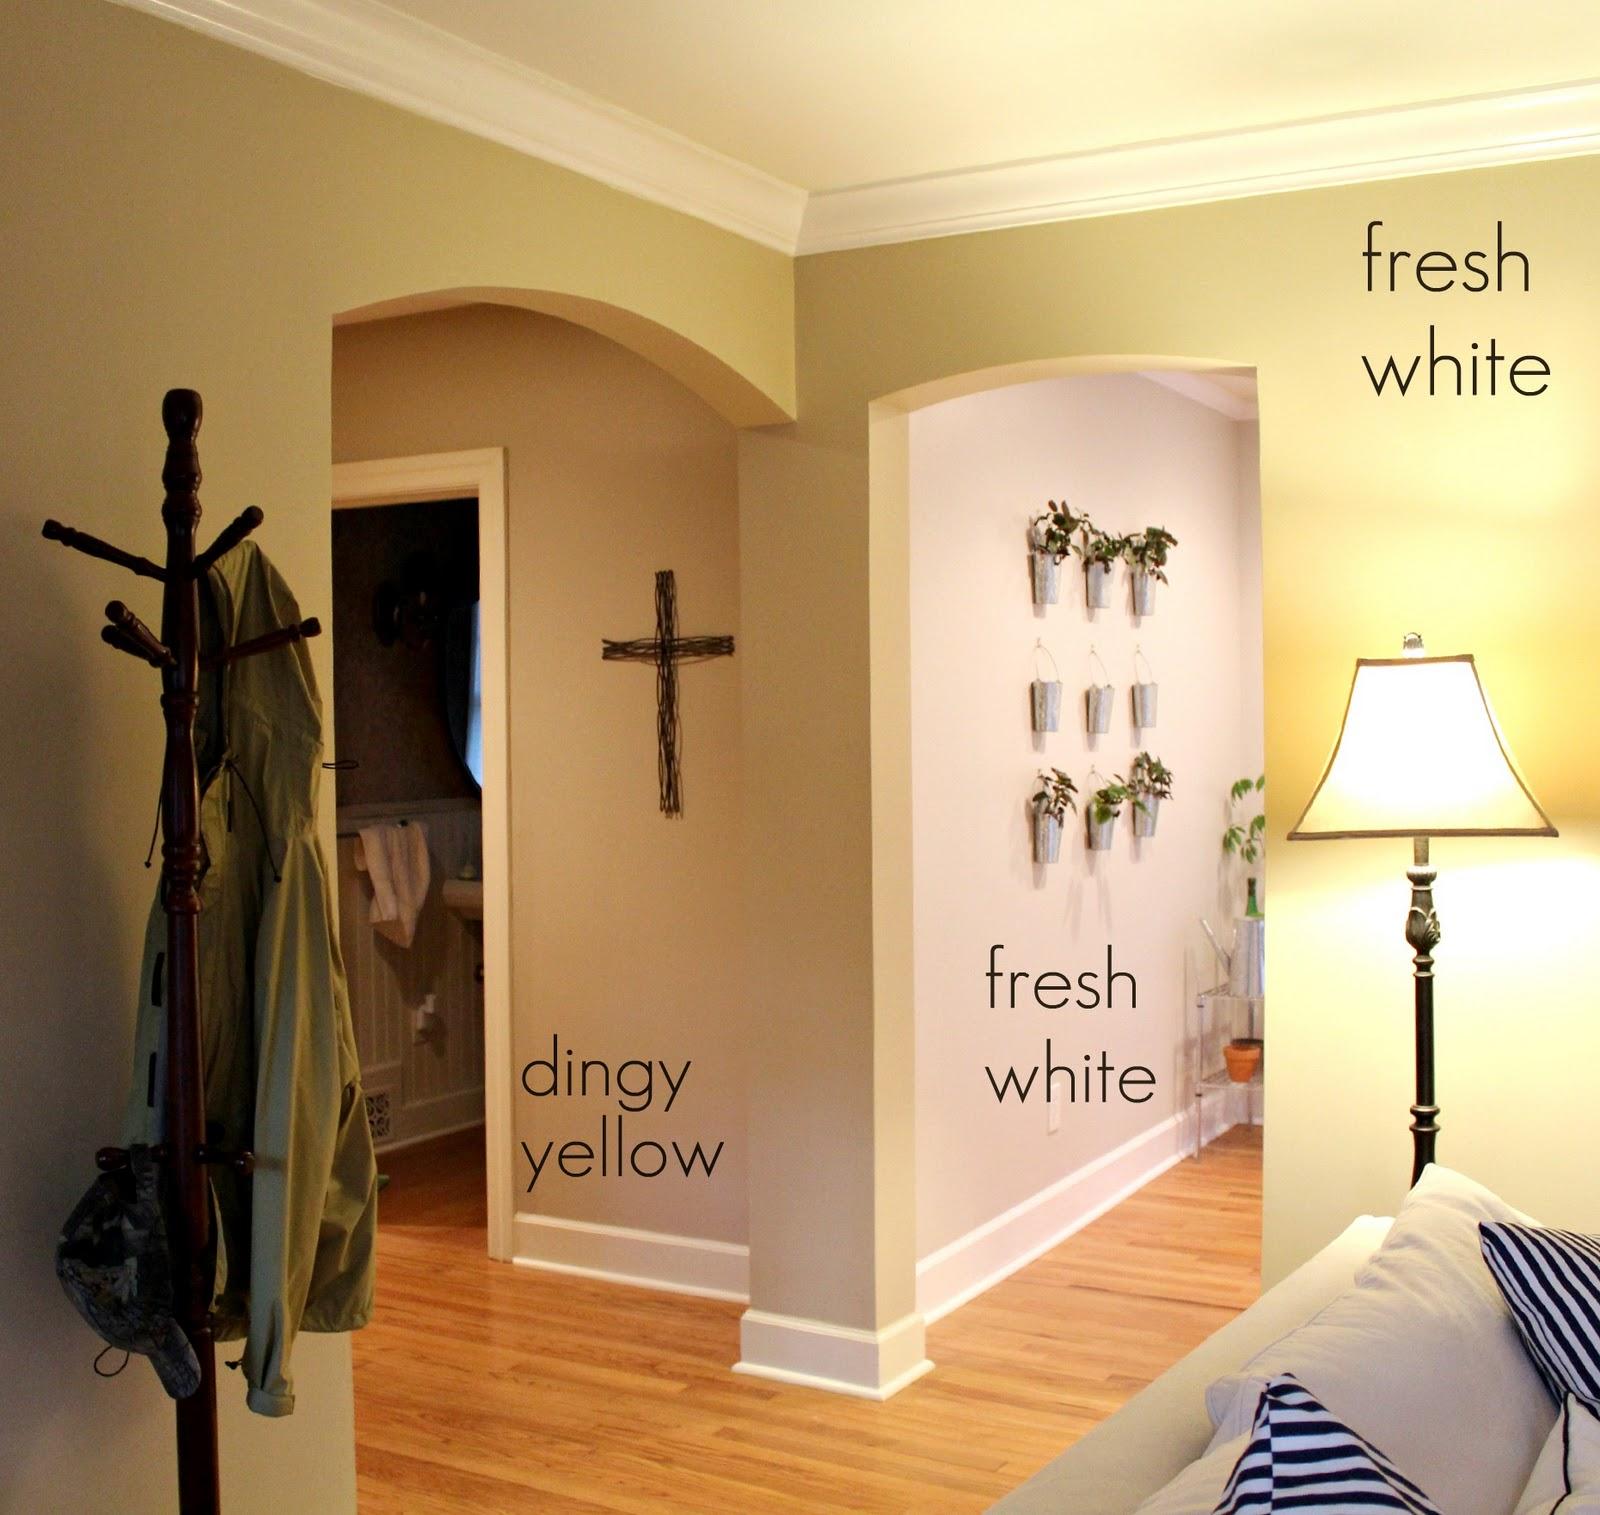 Ten June: Living Room Updates: Fresh White Trim